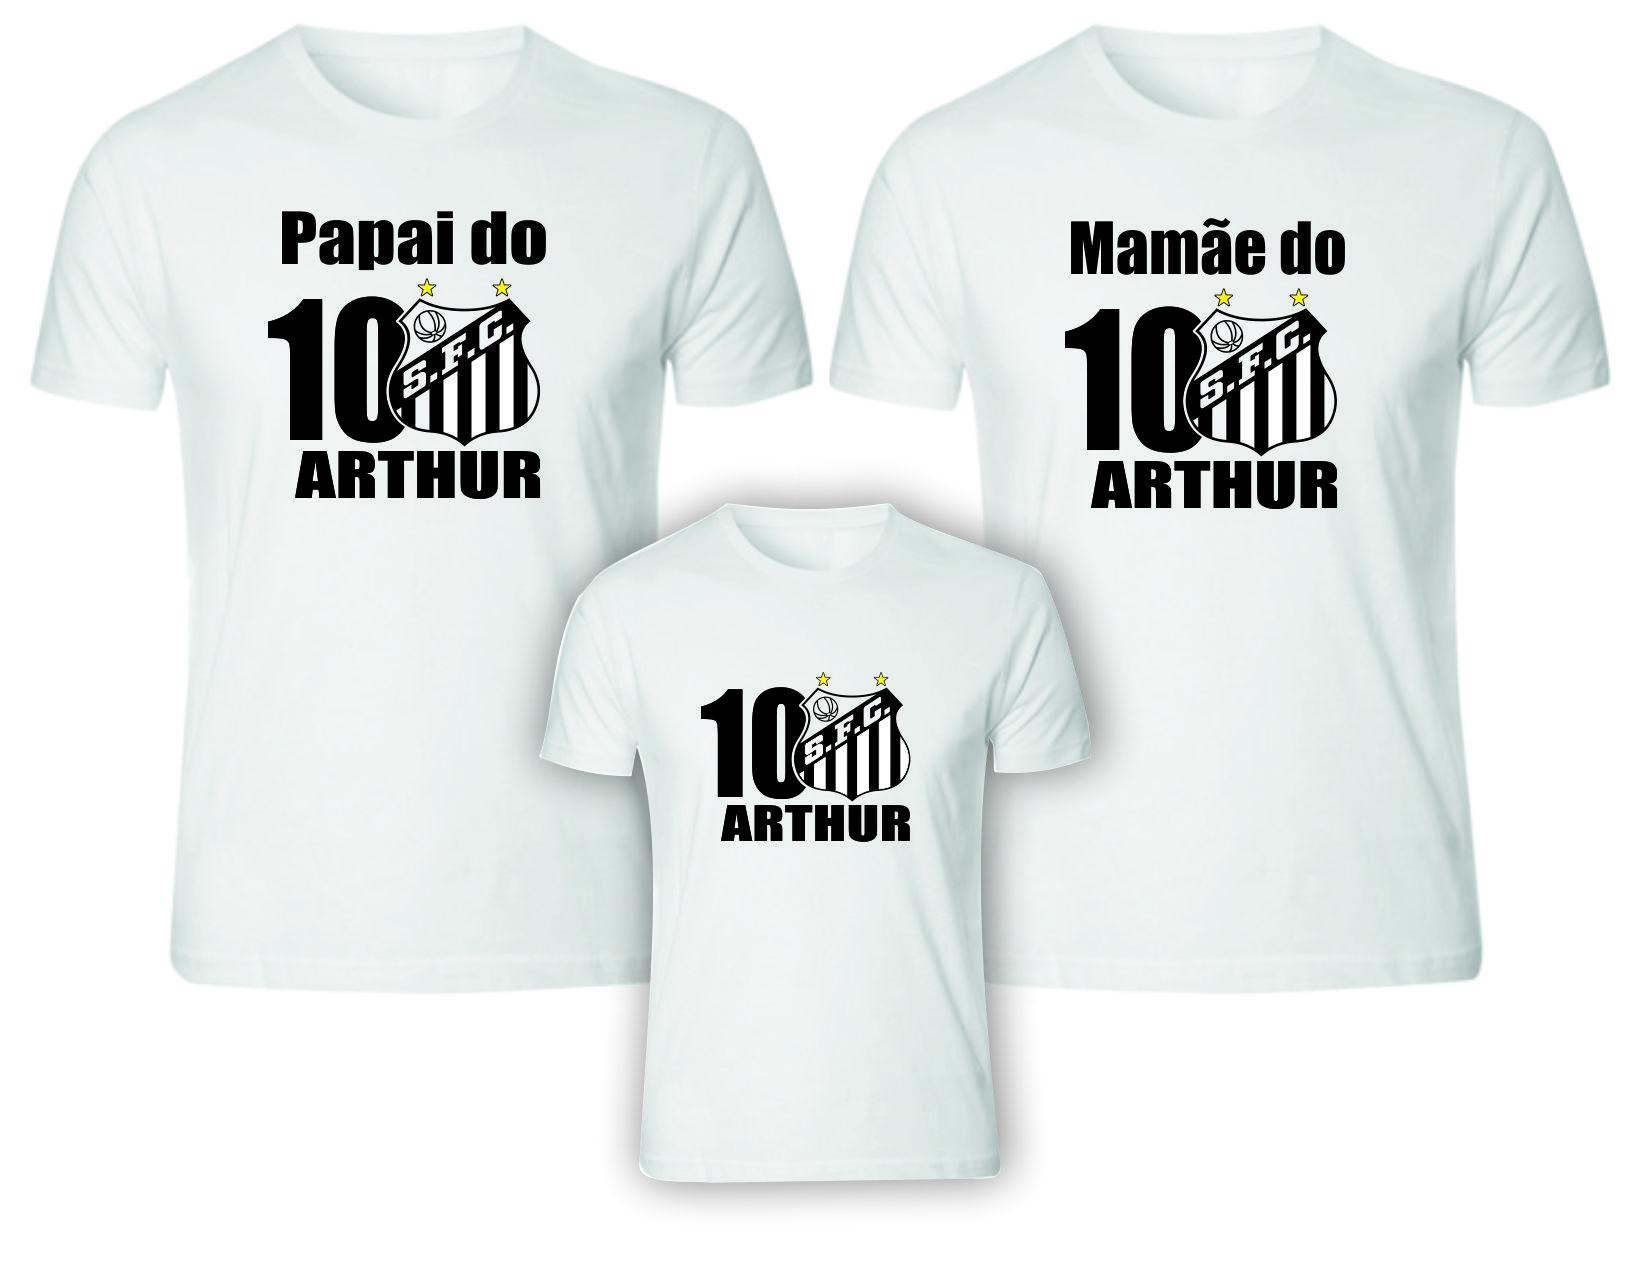 09702b2b72048 Camisetas Aniversário futebol Santos no Elo7